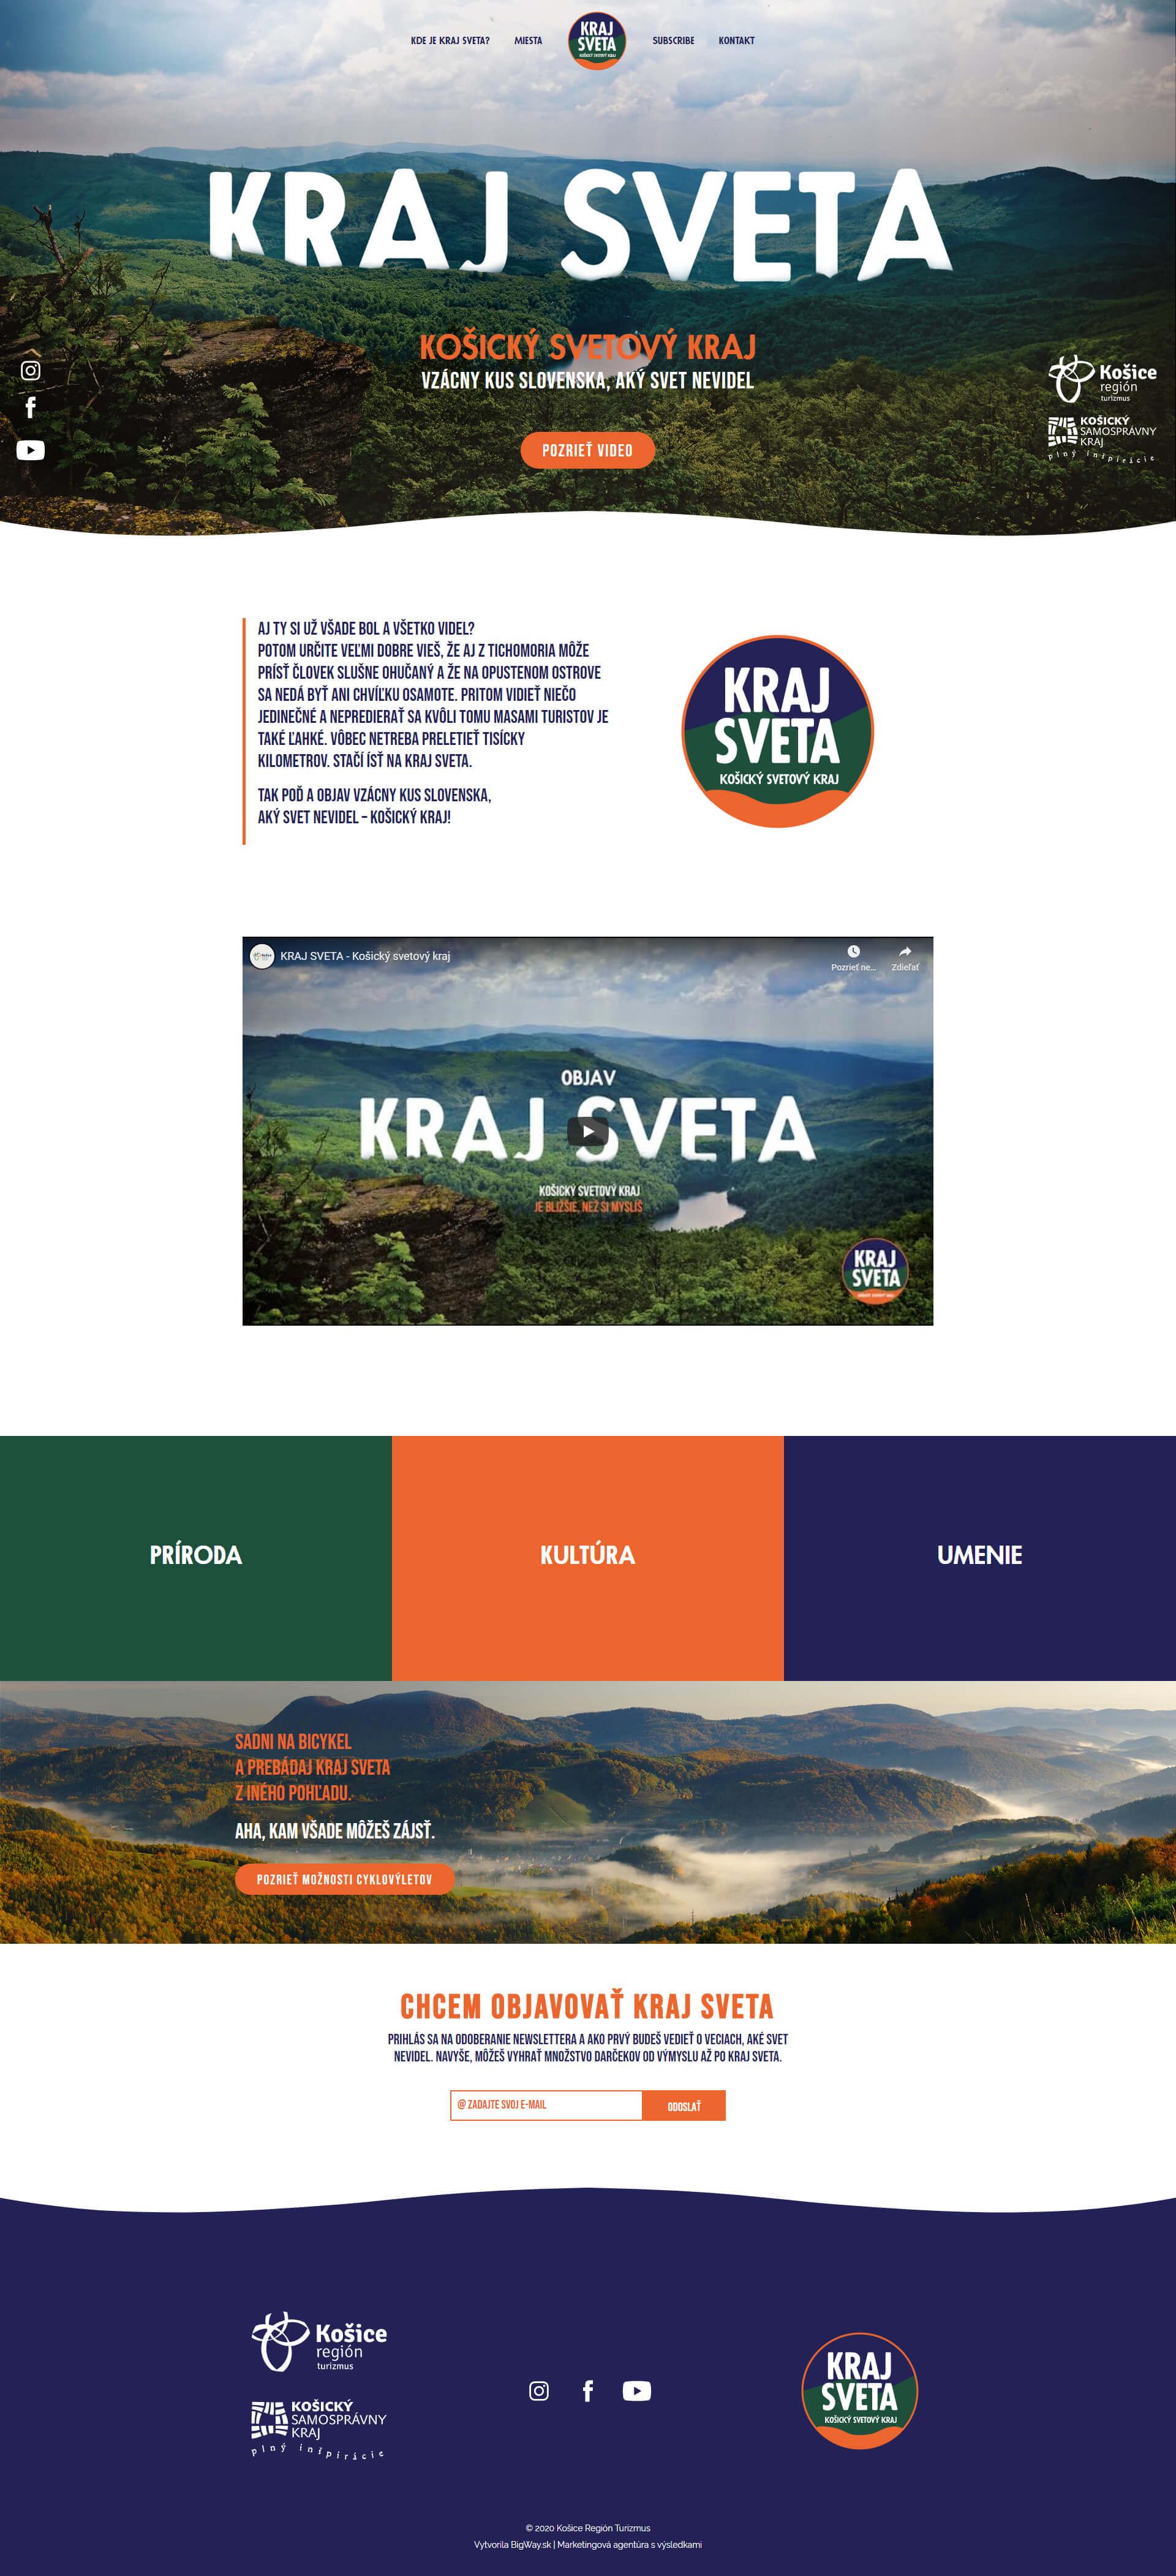 Vytvorenie webstránky pre marketingovú kampaň Kraj sveta